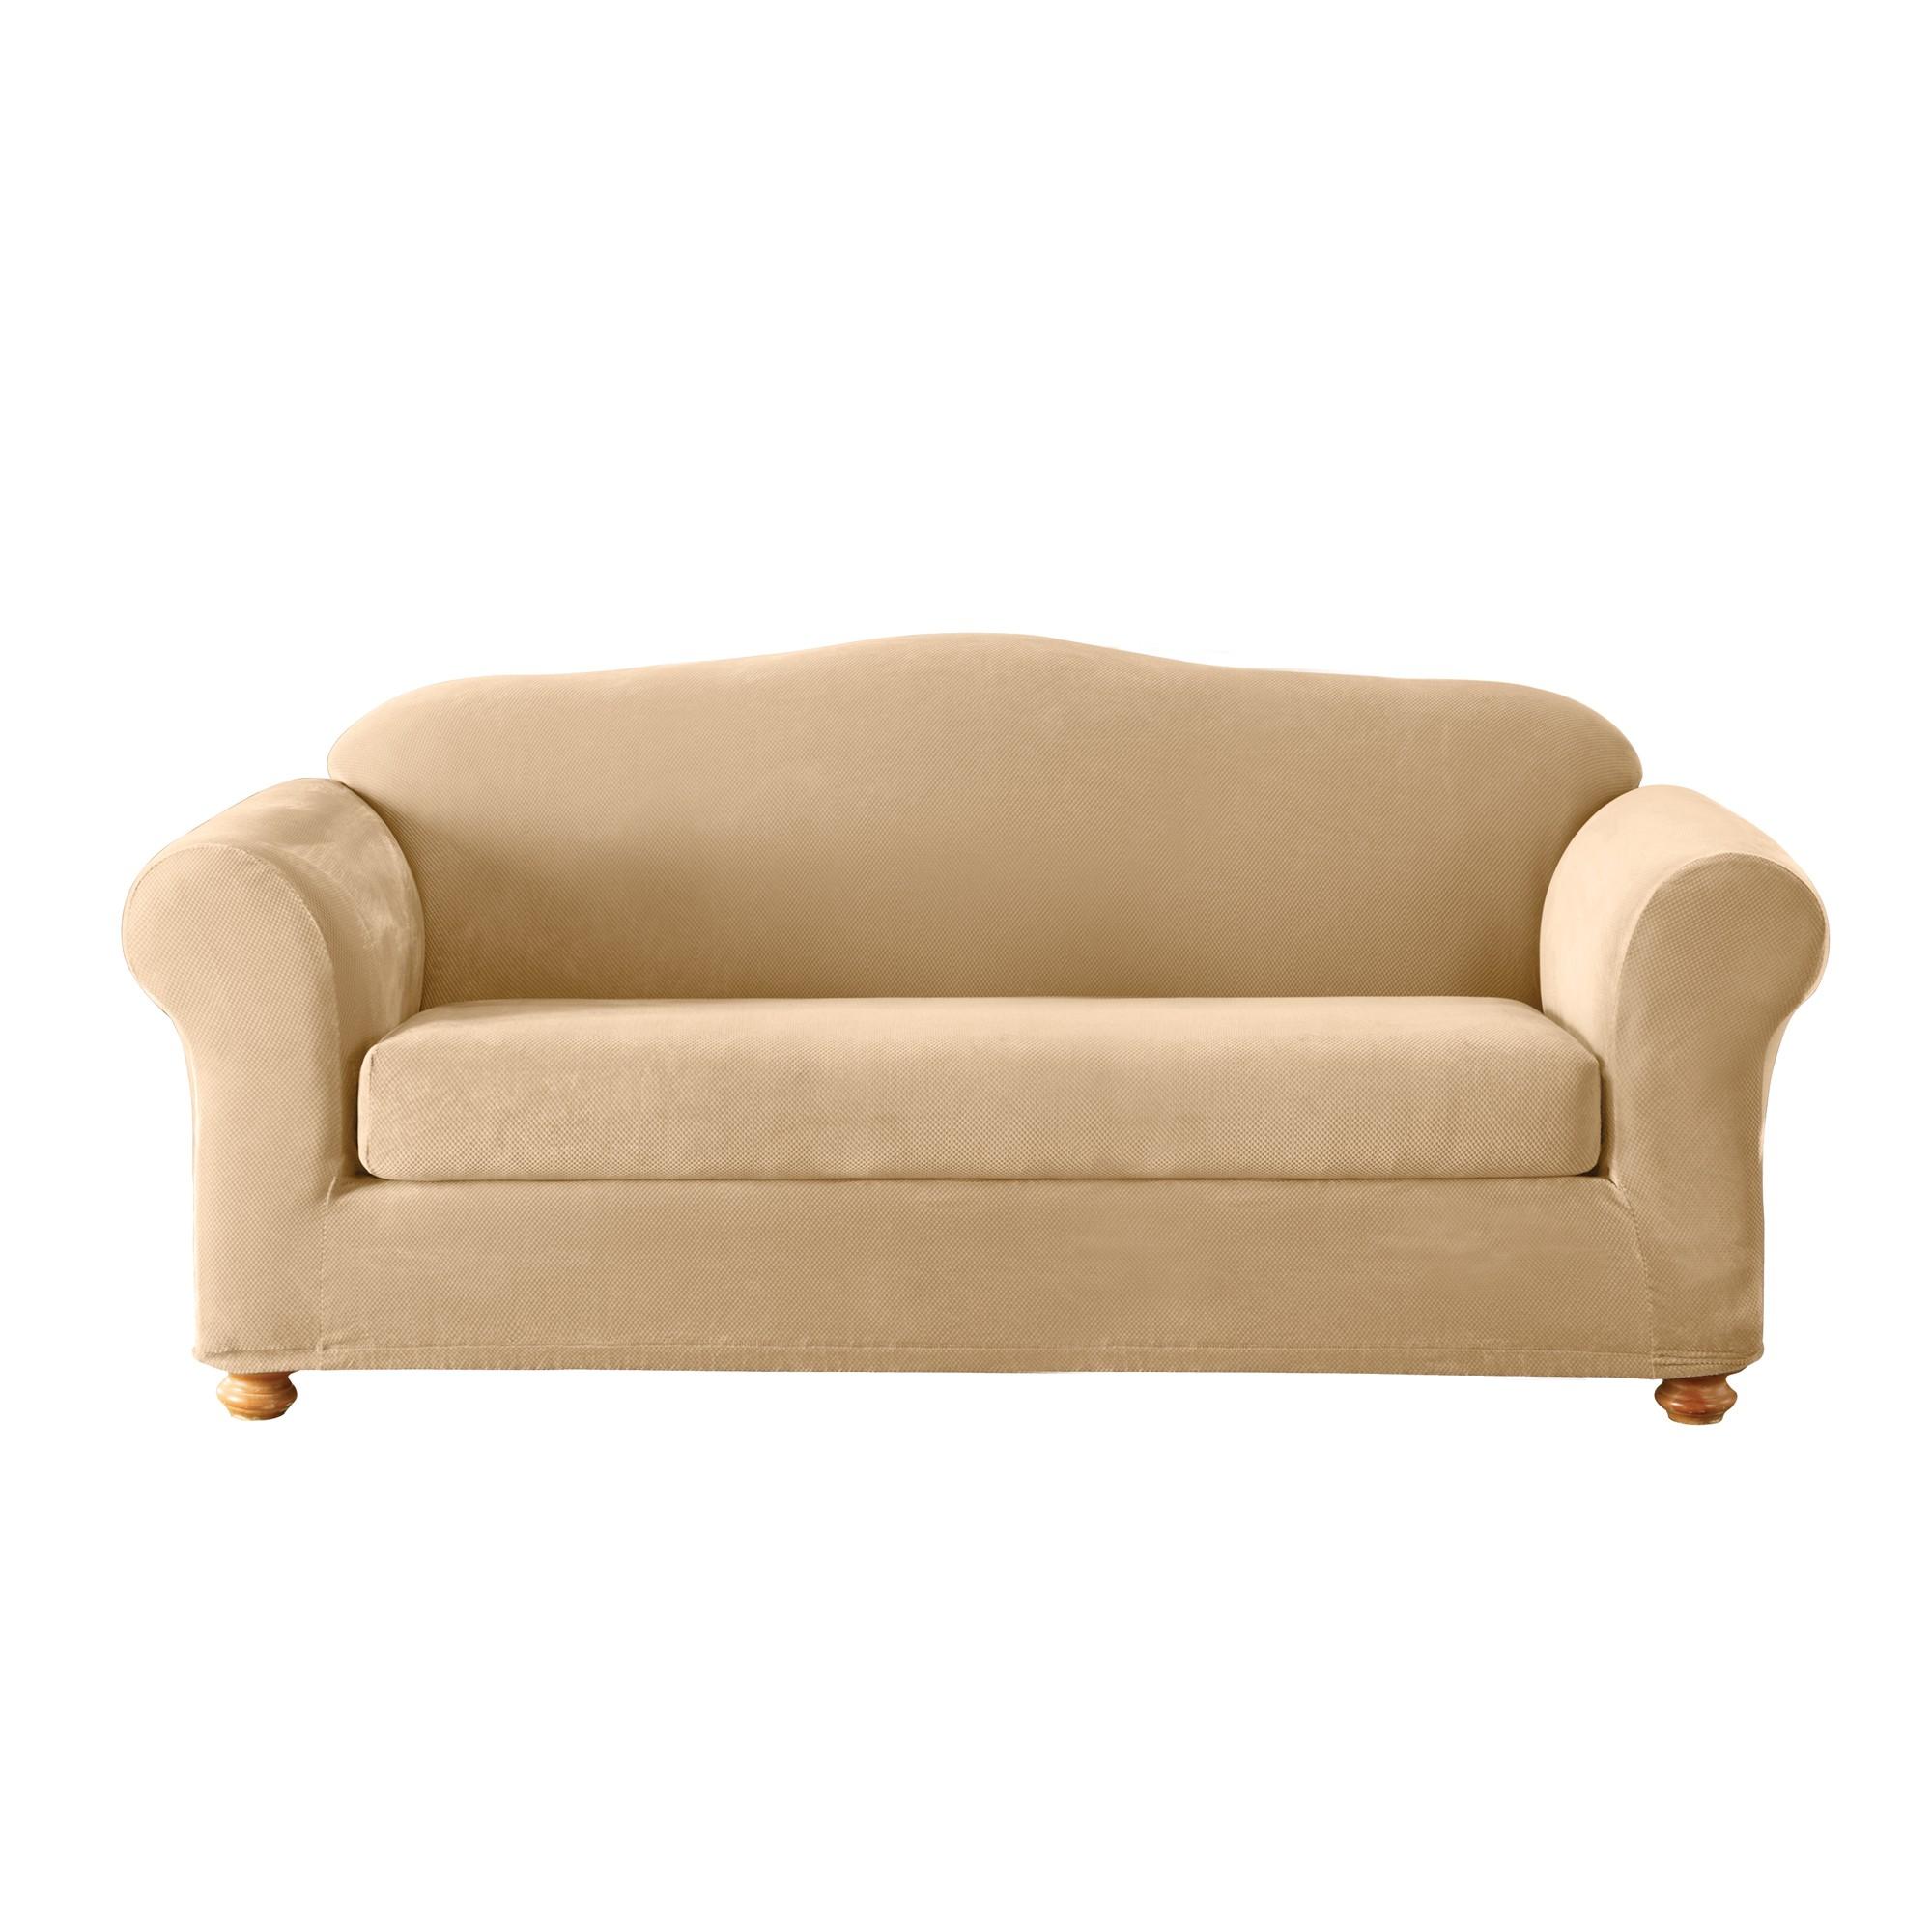 Cream Stretch Pique 3pc Sofa Slipcover